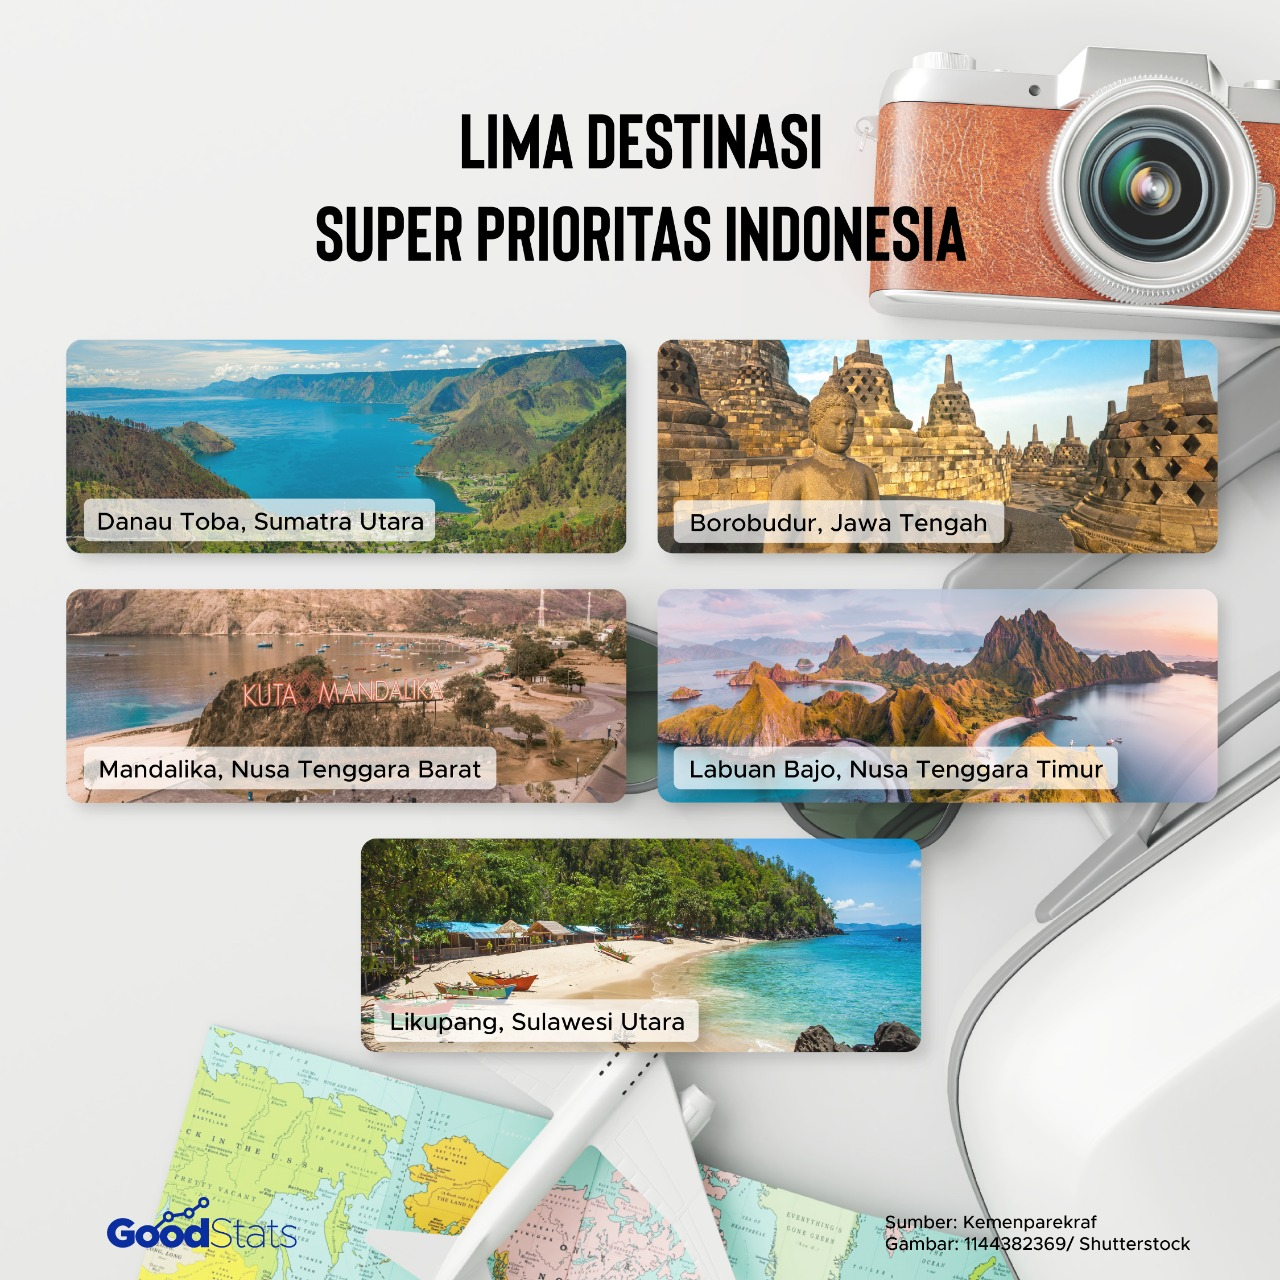 Daftar destinasi pariwisata prioritas Indonesia | Goodstats